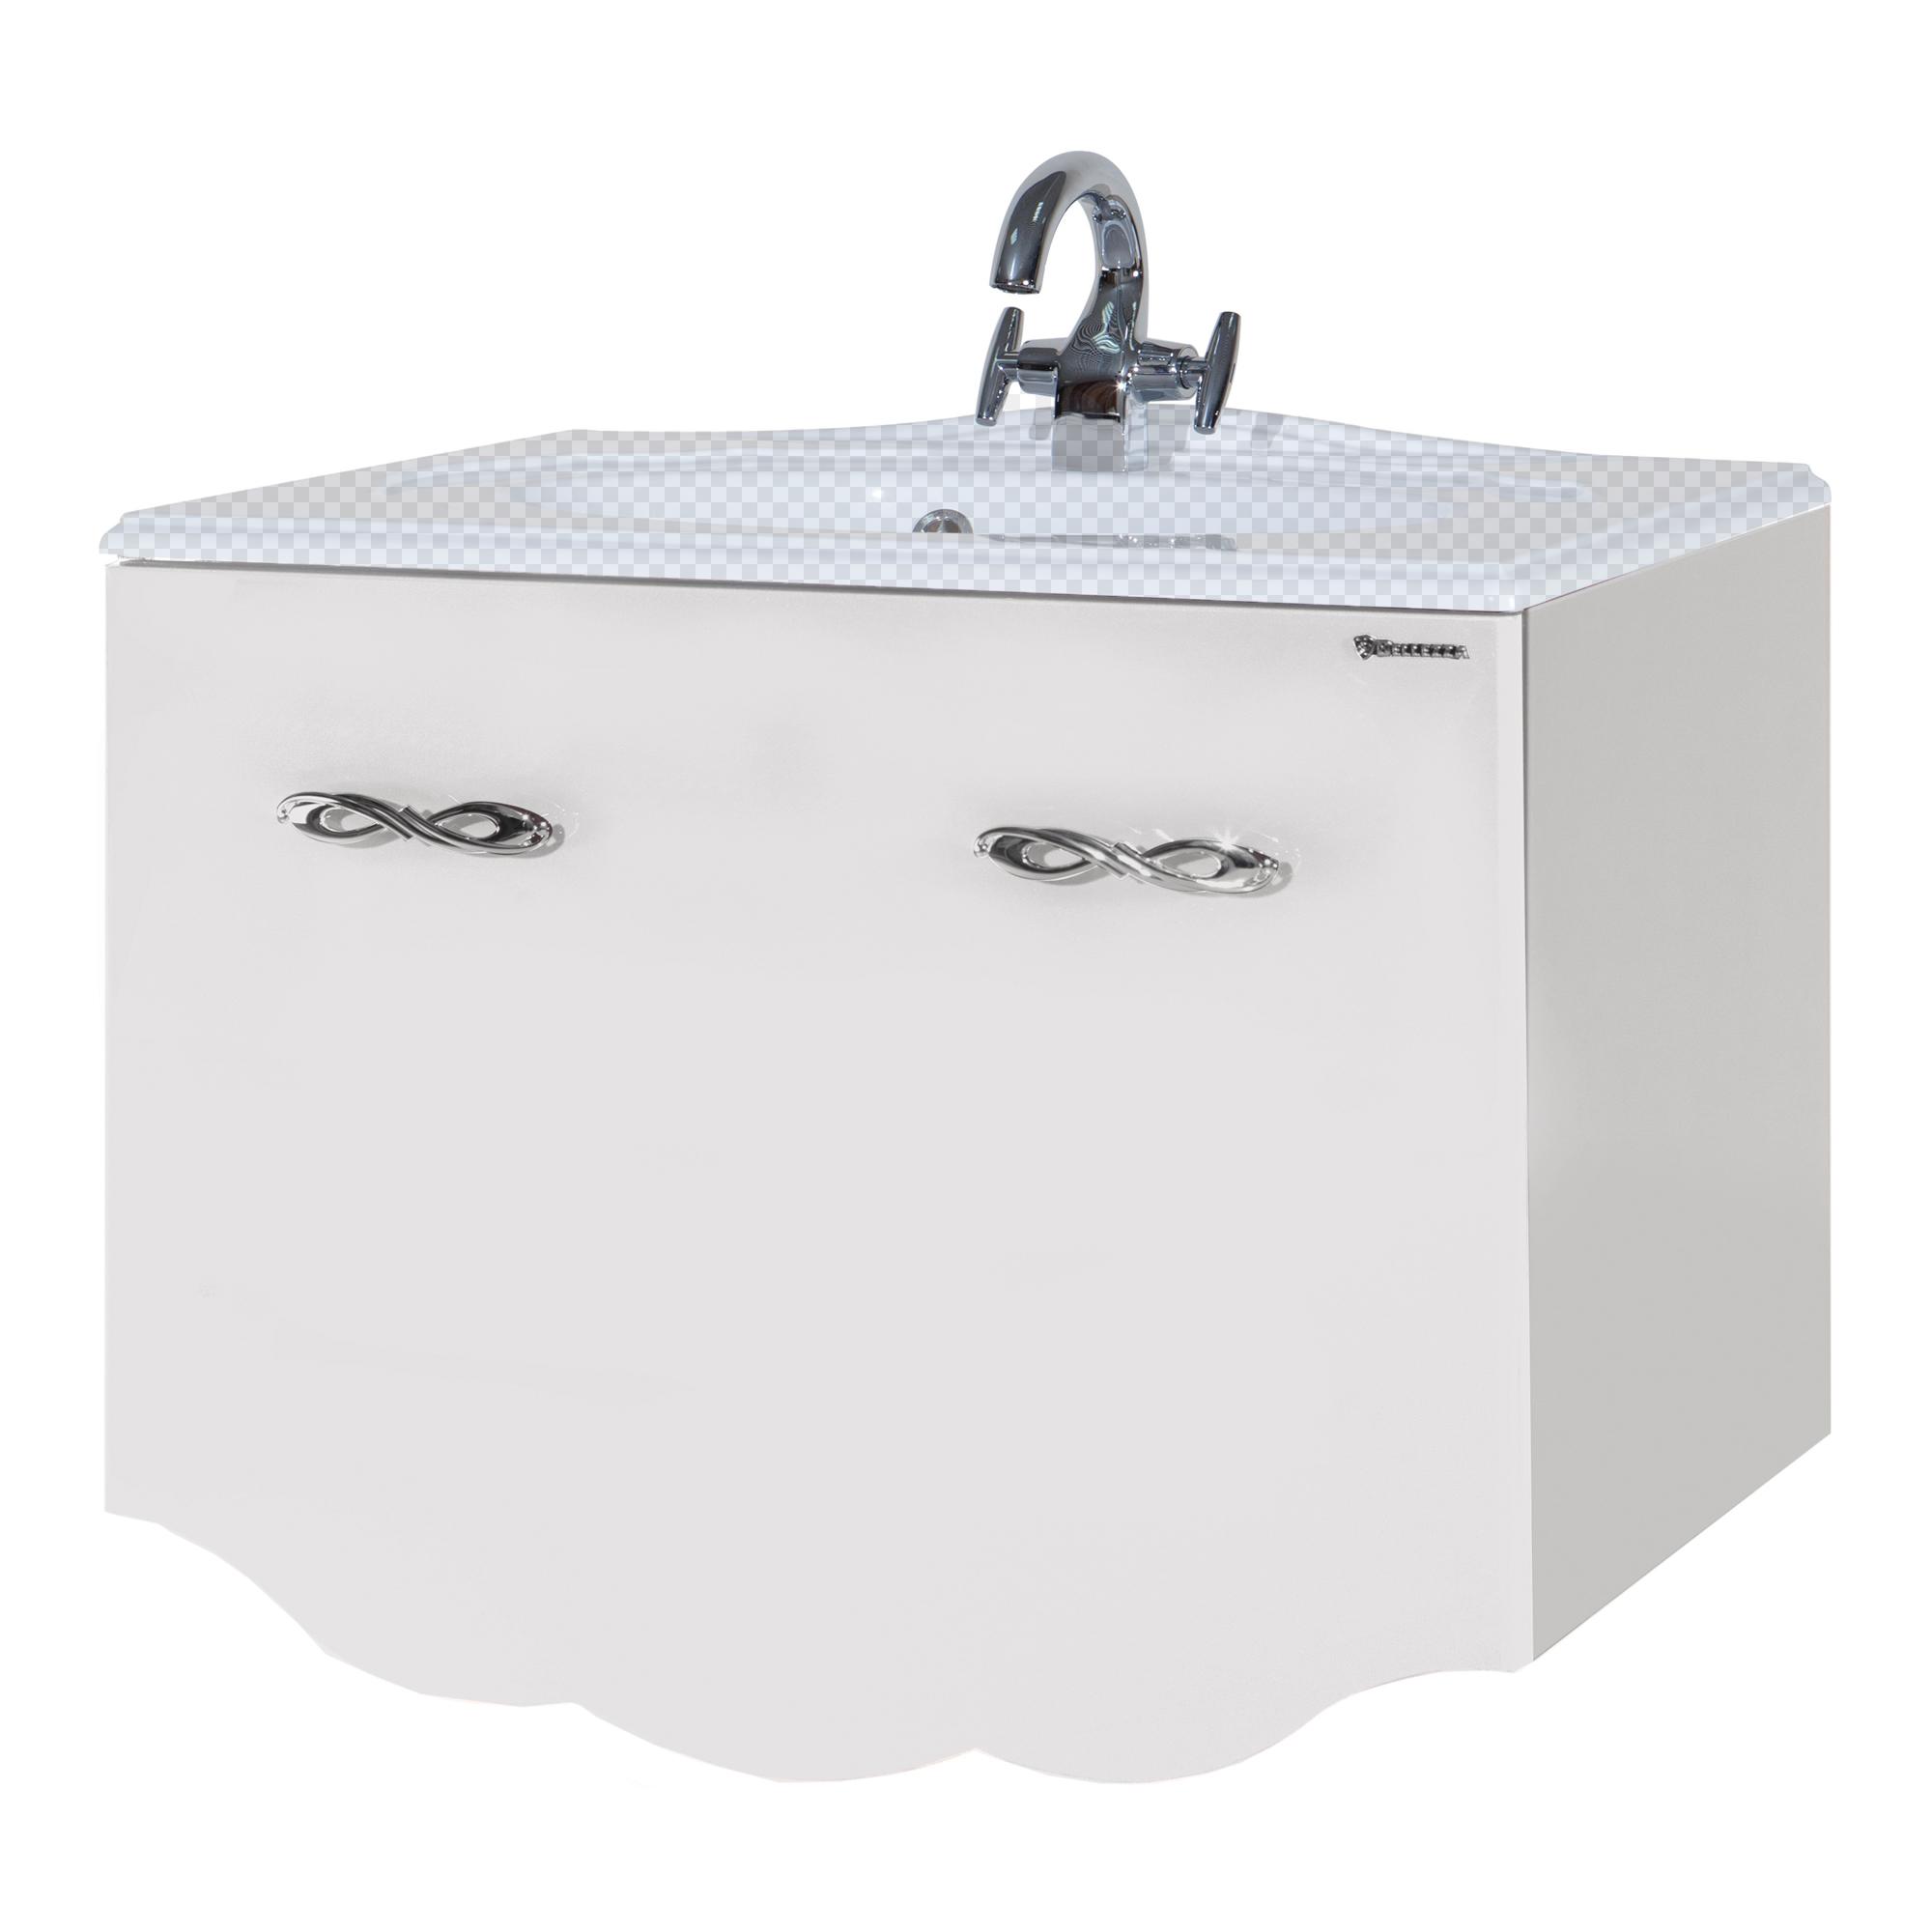 Тумба под раковину Bellezza Версаль 100 белый (внутр. 1) тумба под раковину домино уют 50 смайл с 2 ящиками красный dd4056t